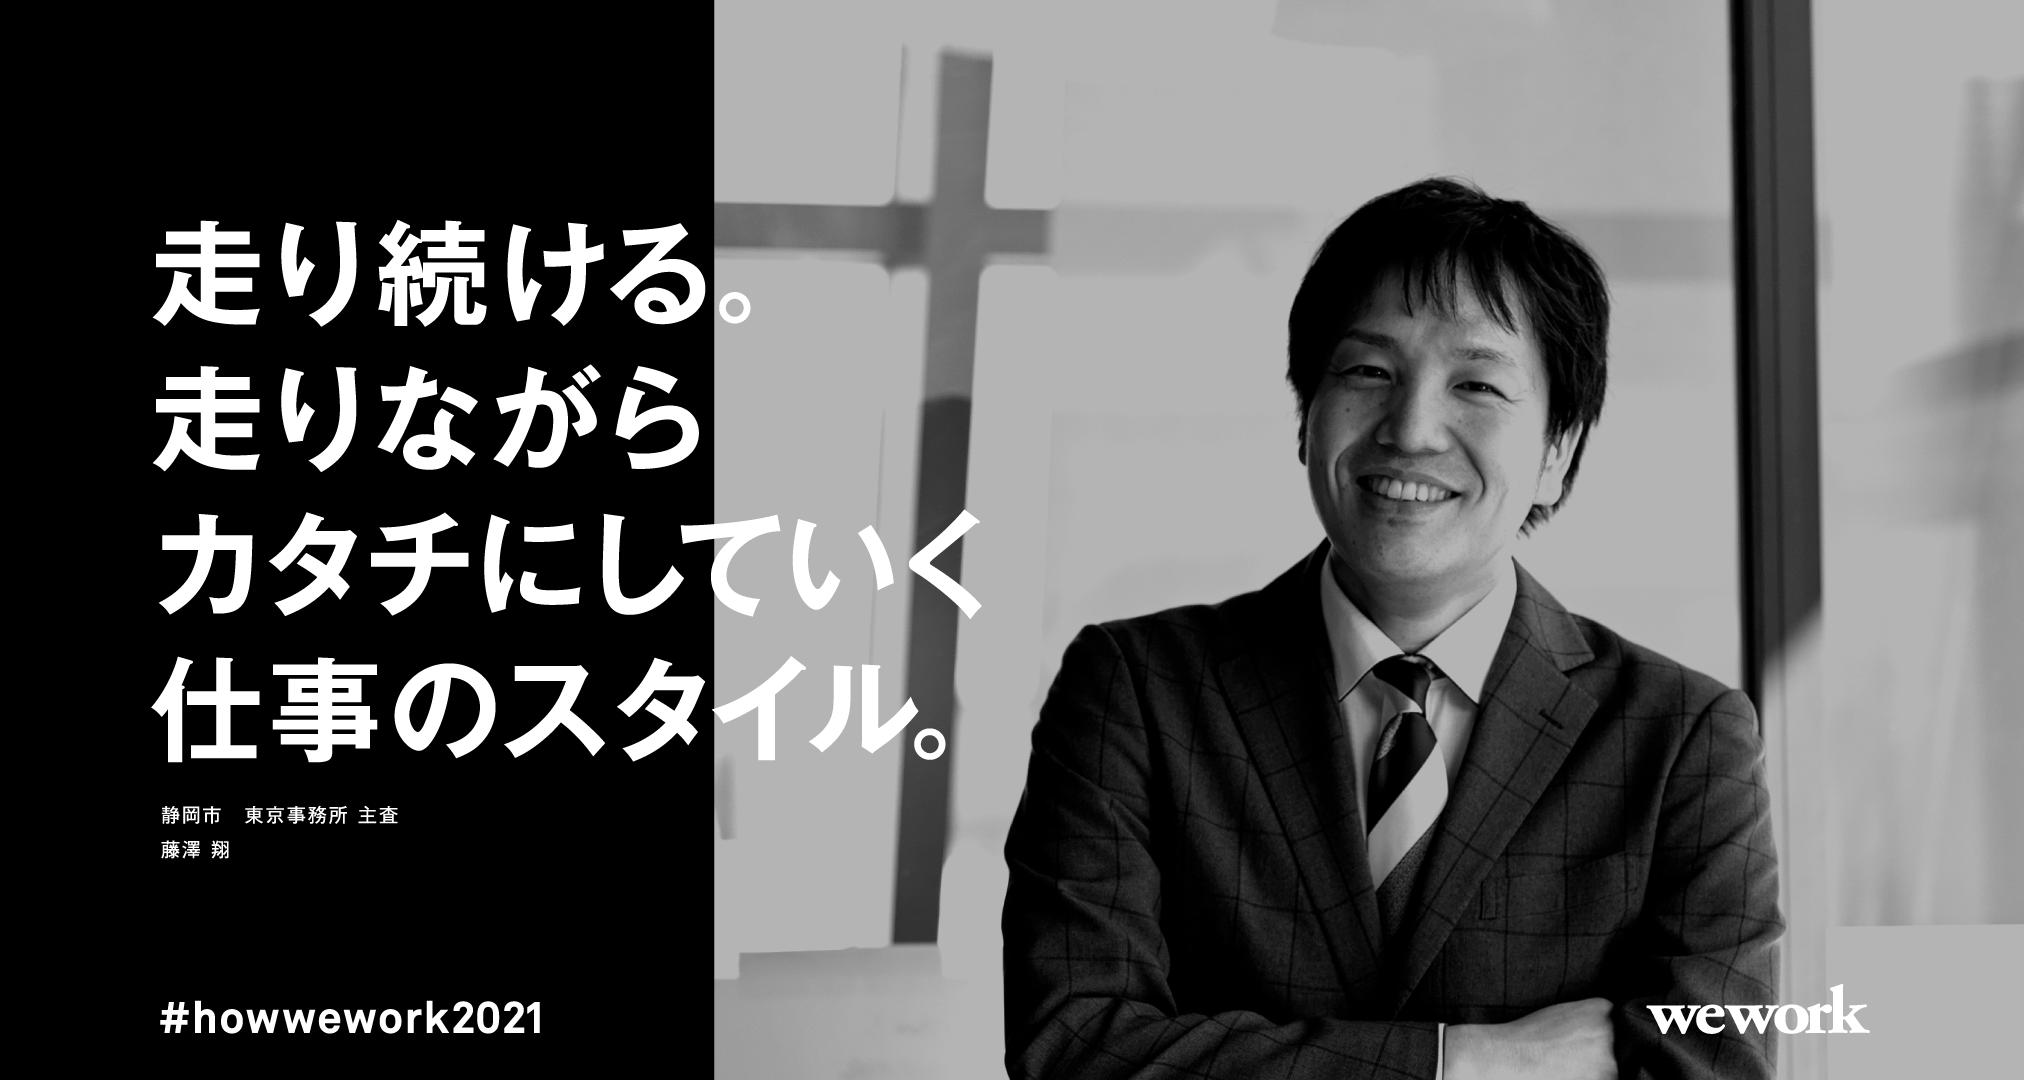 WW_WEB_FUJISAWA-san